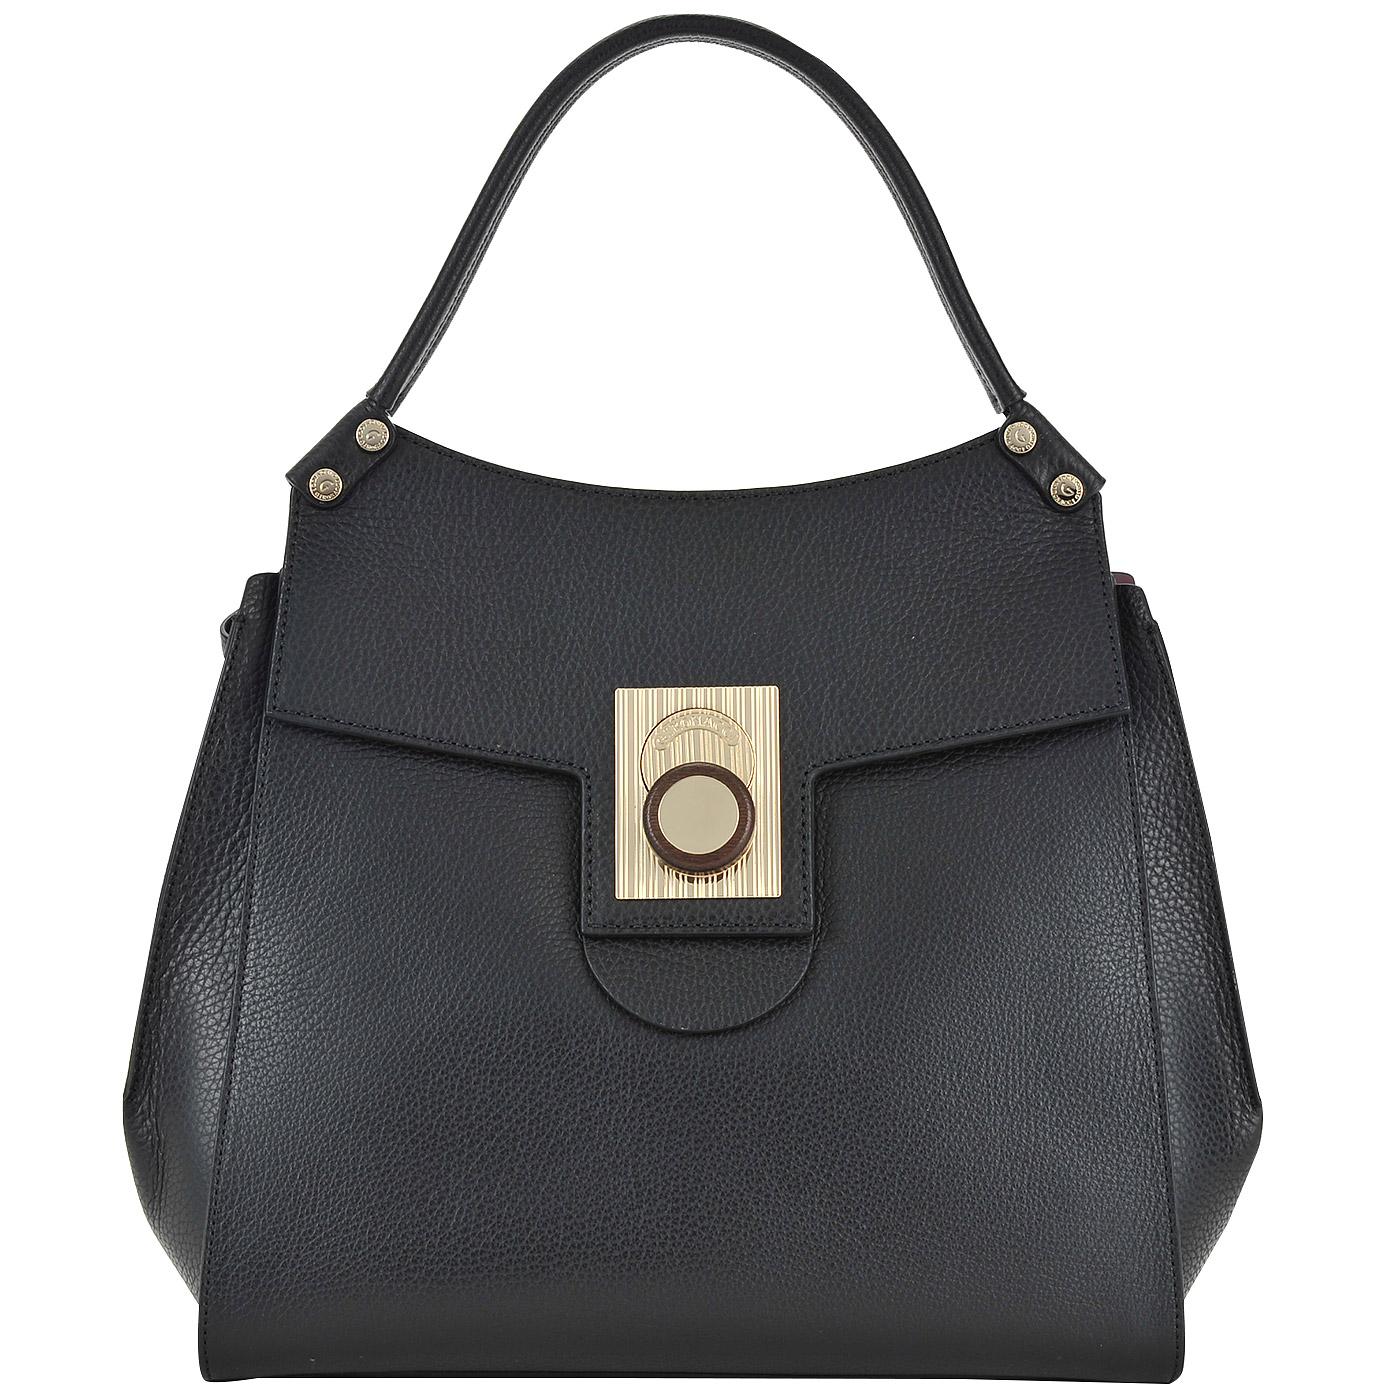 ab10cf2f9a43 Черная кожаная сумка с откидным клапаном Gironacci 1371 nero bordo ...